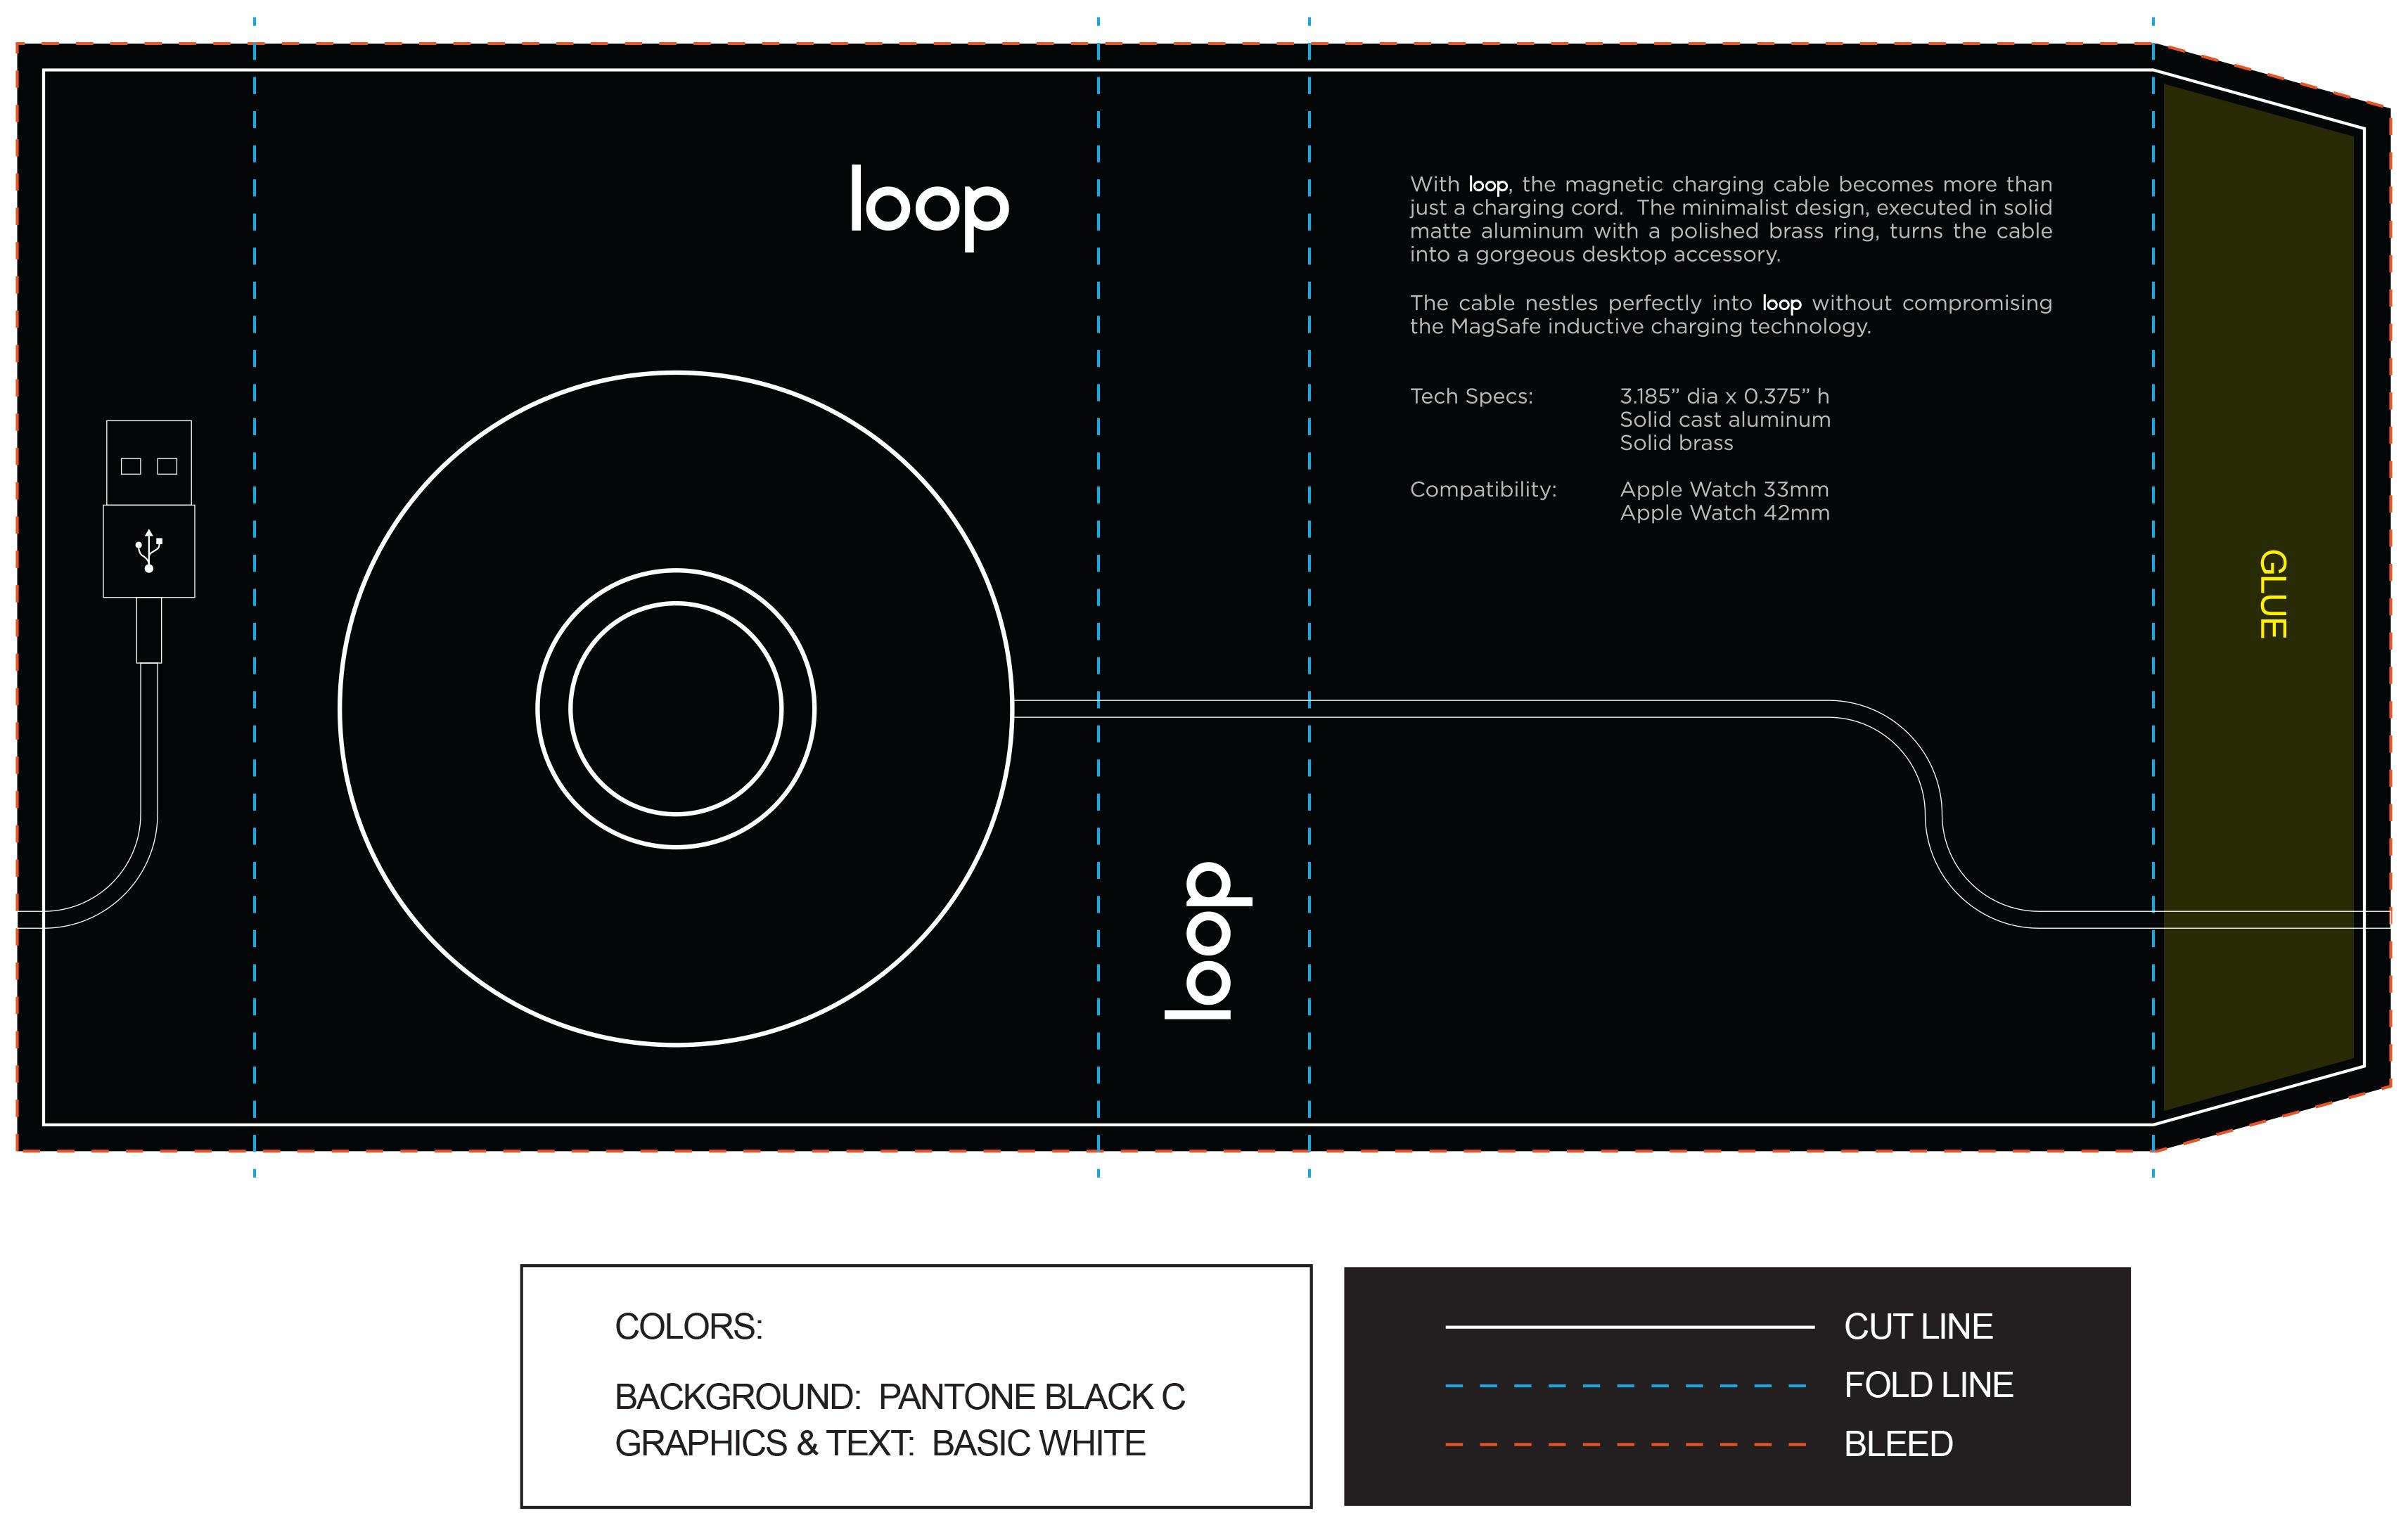 Loop - Sleeve